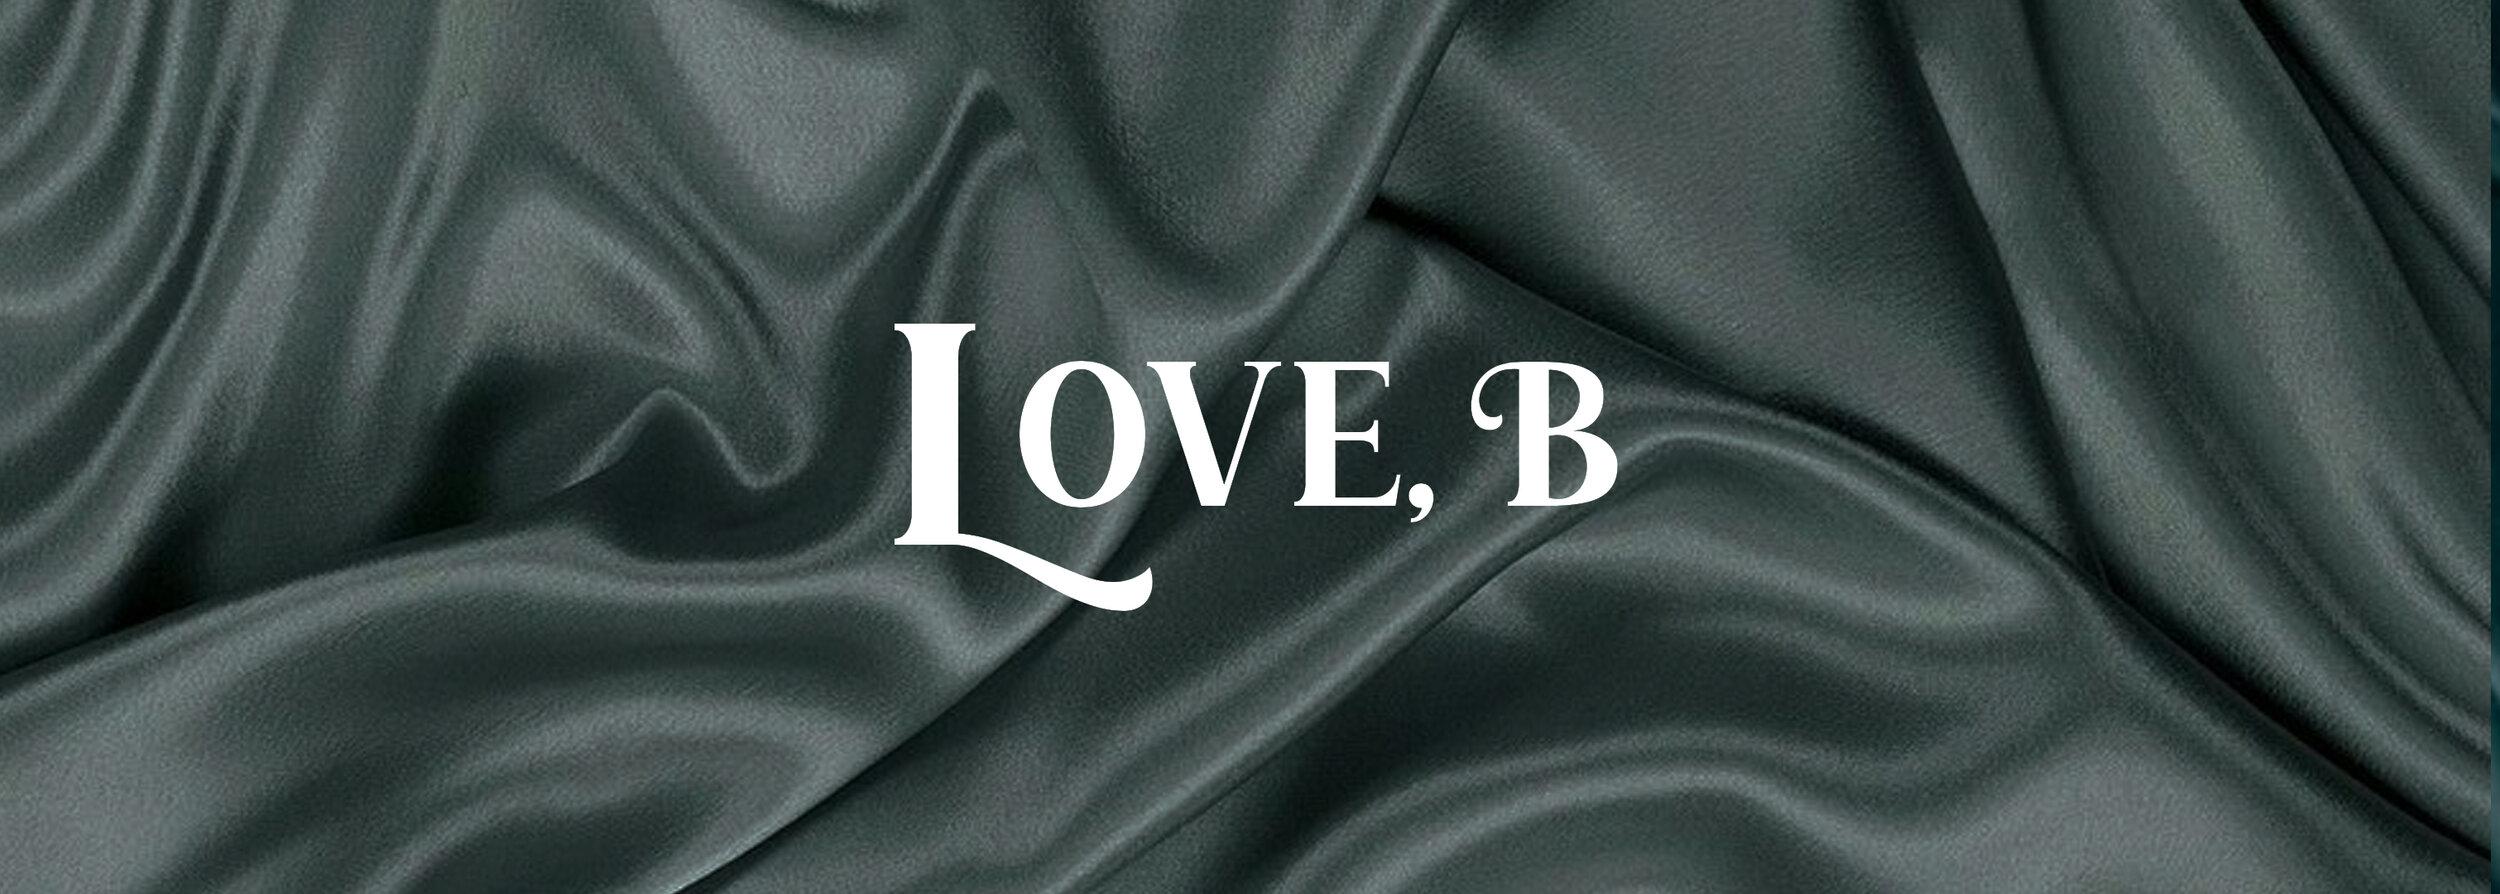 lovebcover.jpg